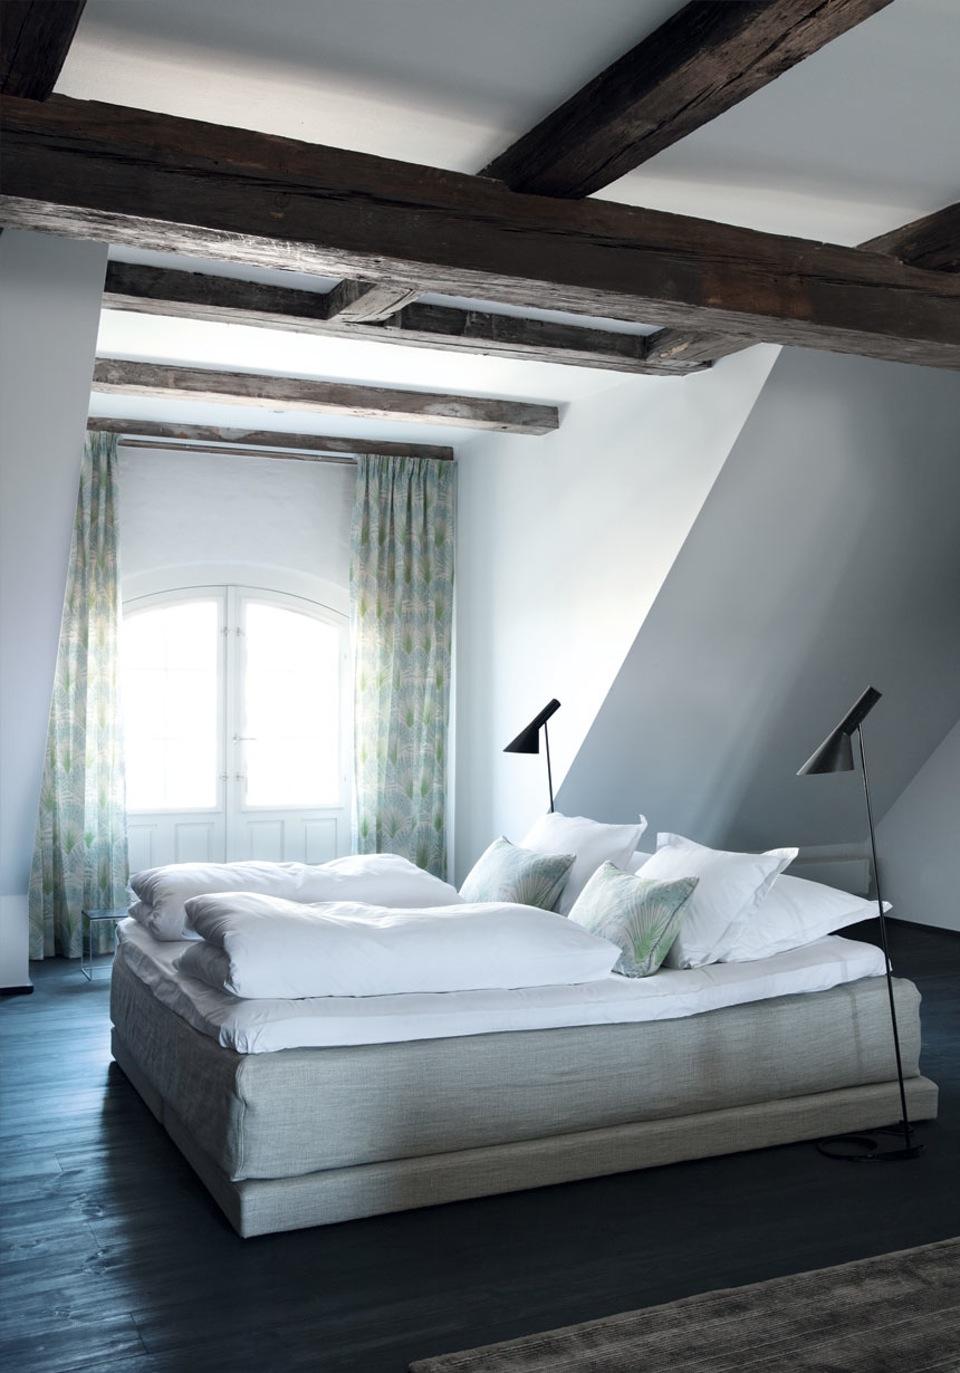 Photo by Kira Brandfor Bo Bedre, Denmarkvia Style and Create